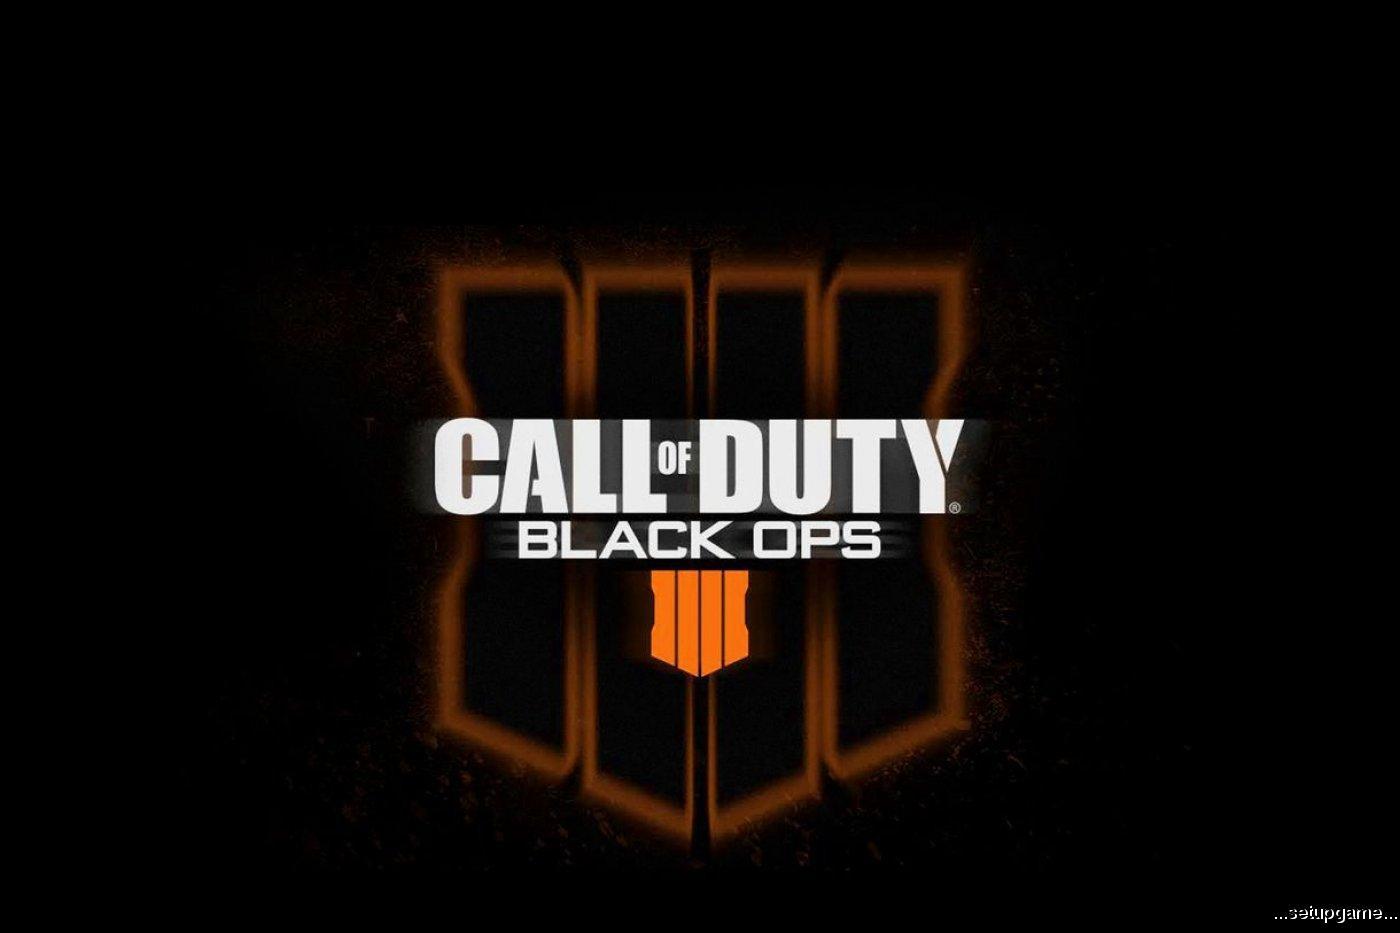 تاریخ انتشار نسخه جدید Call of Duty بلک آپس 4 مشخص شد